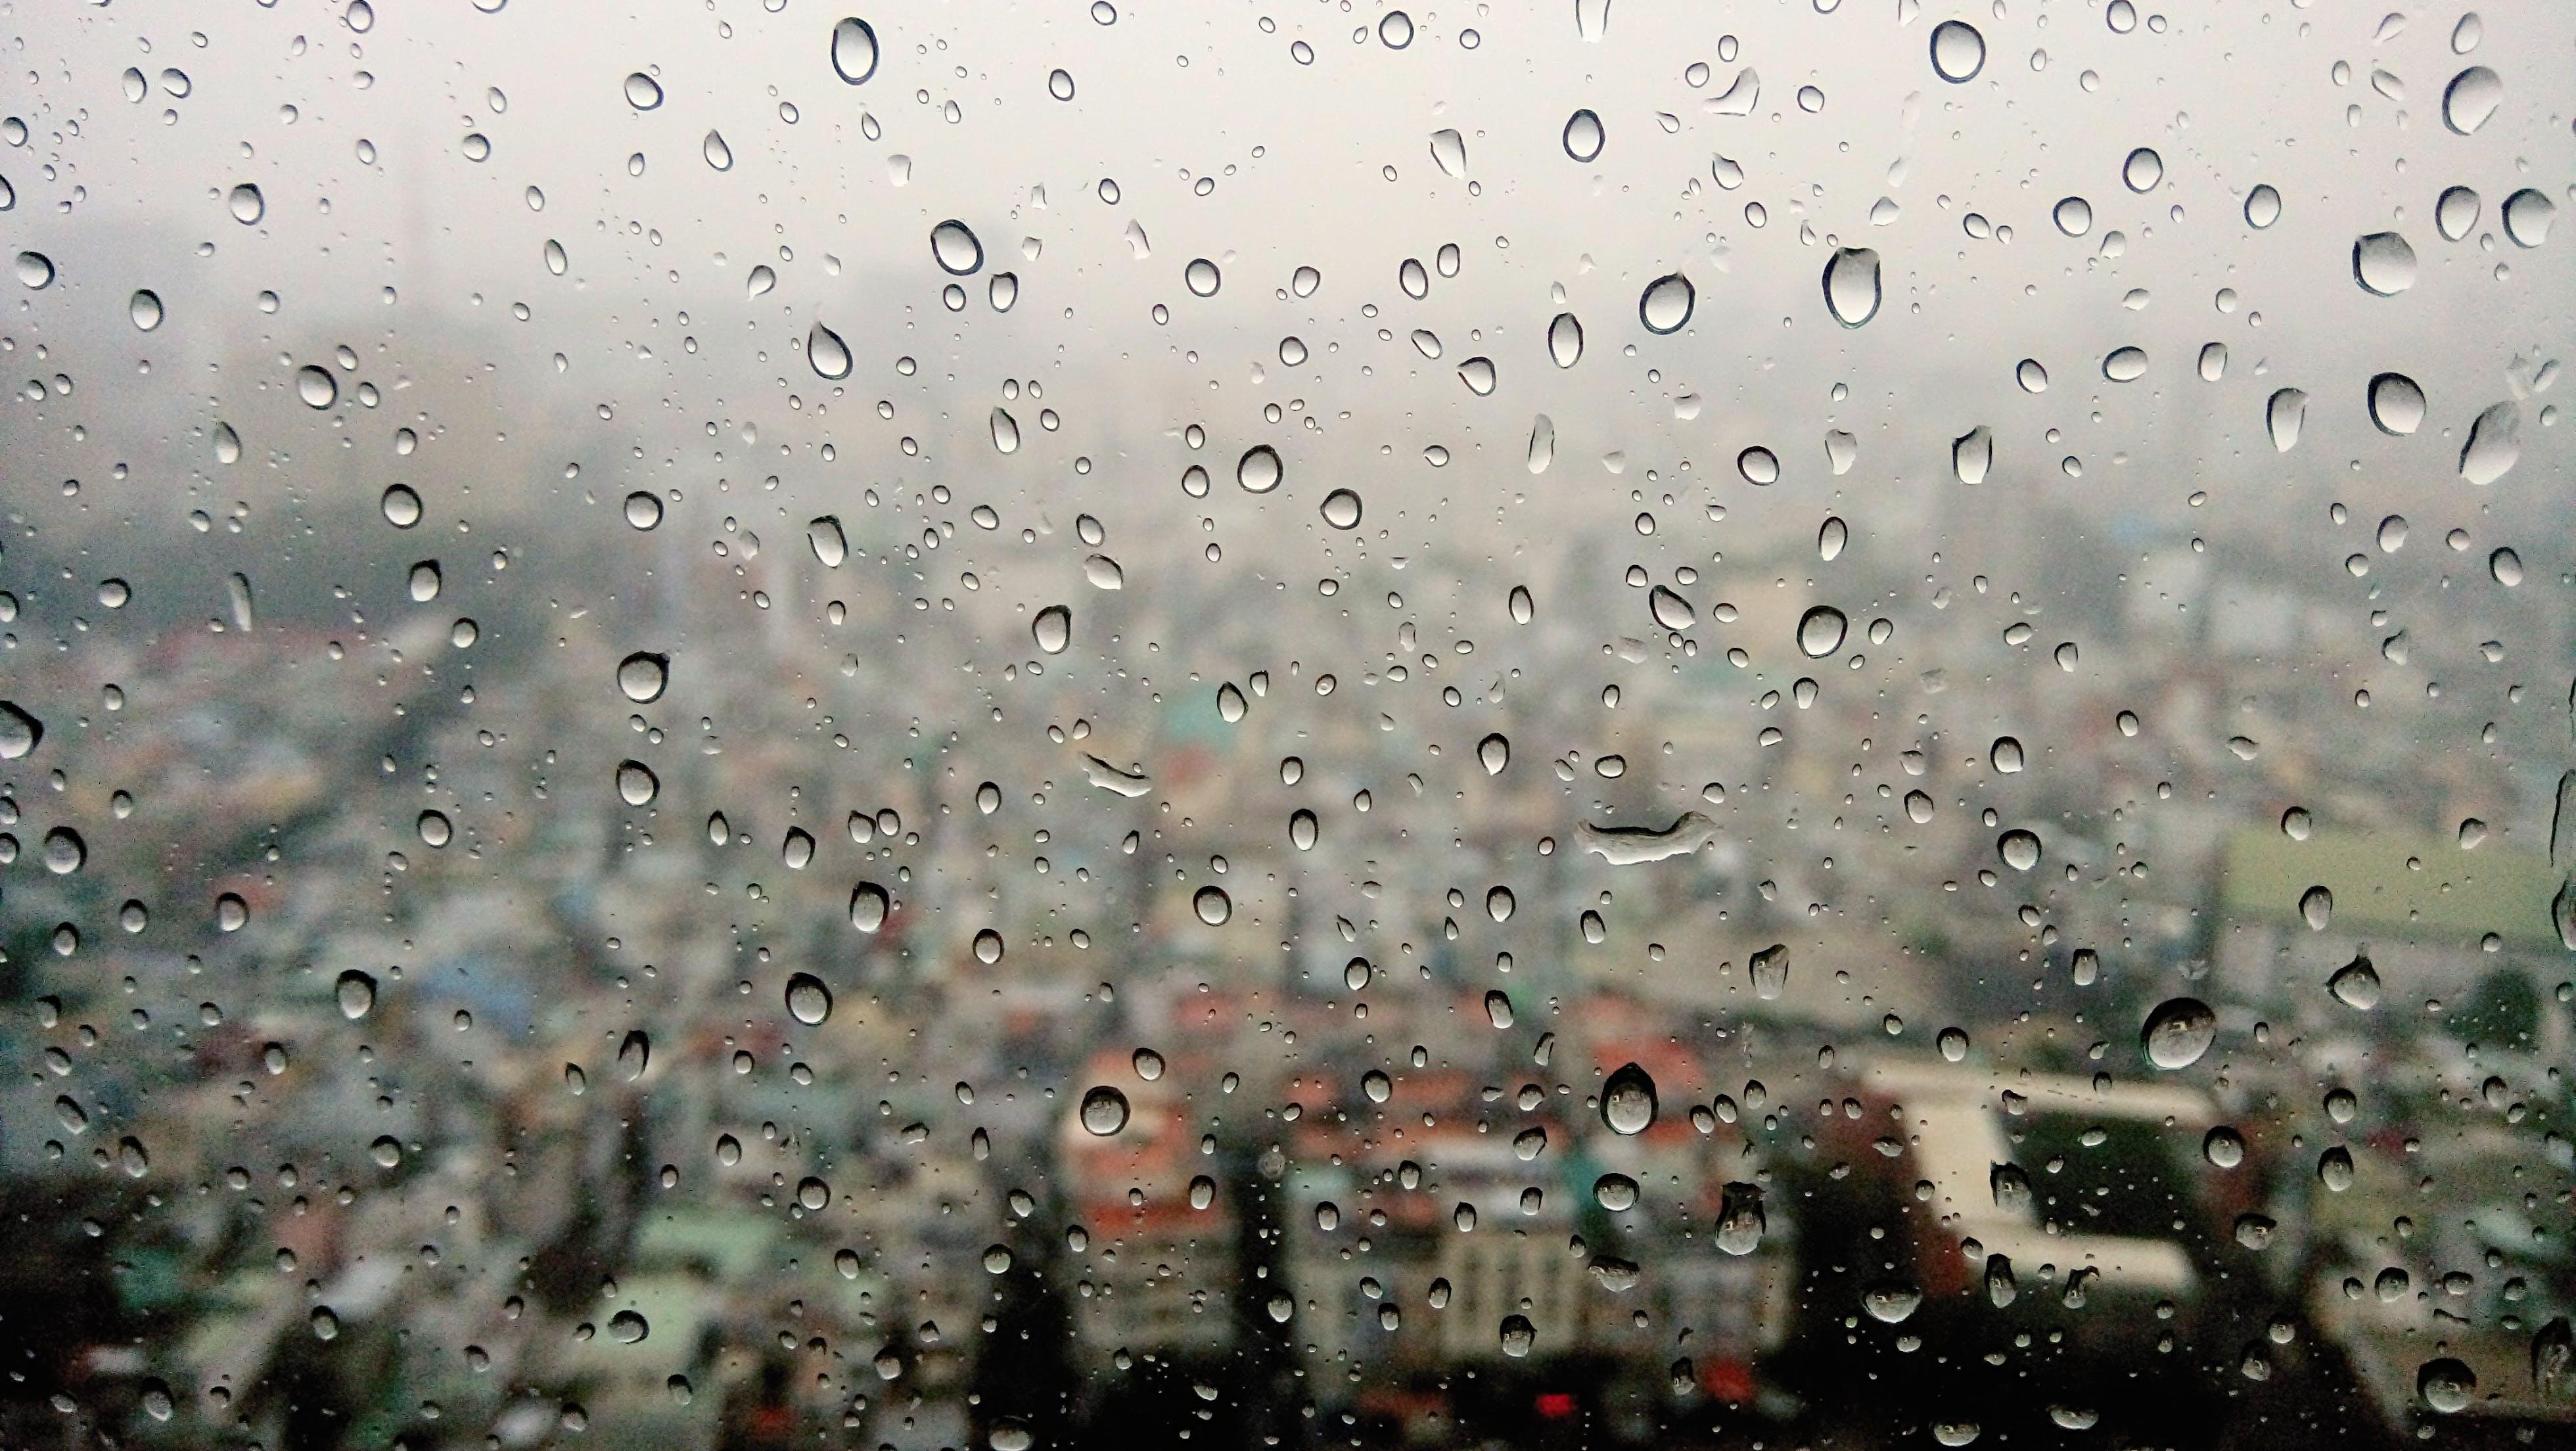 Free stock photo of city, rain, floor, dewdrop